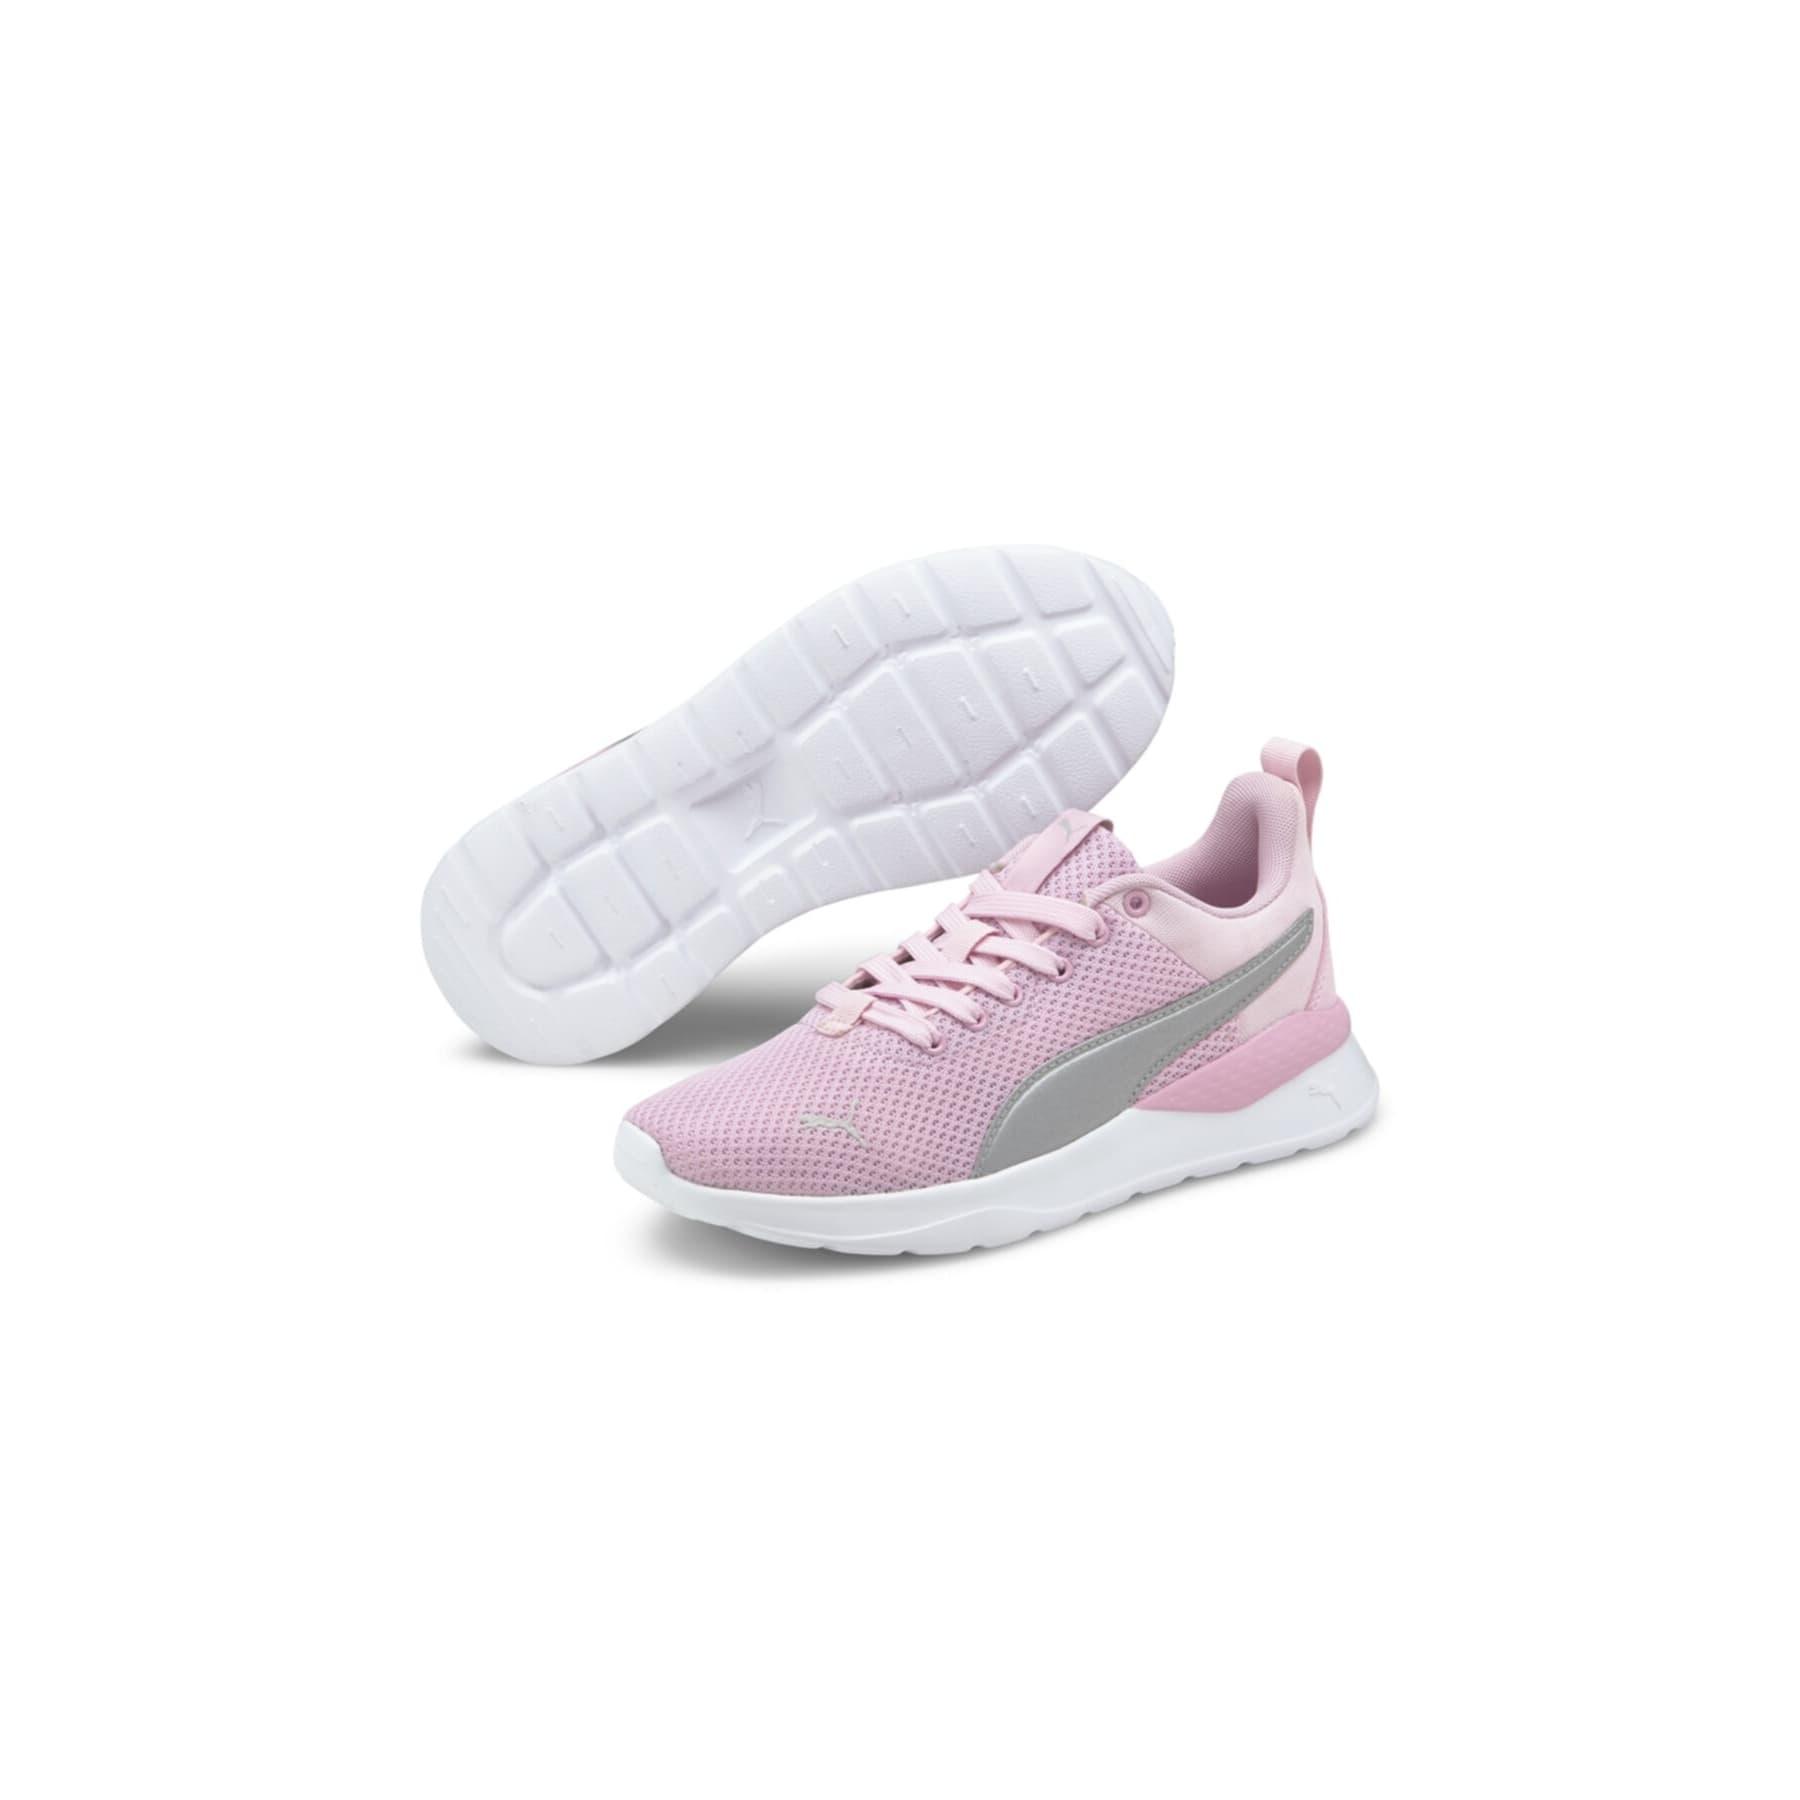 Anzarun Lite Kadın Pembe Spor Ayakkabı (372004-13)